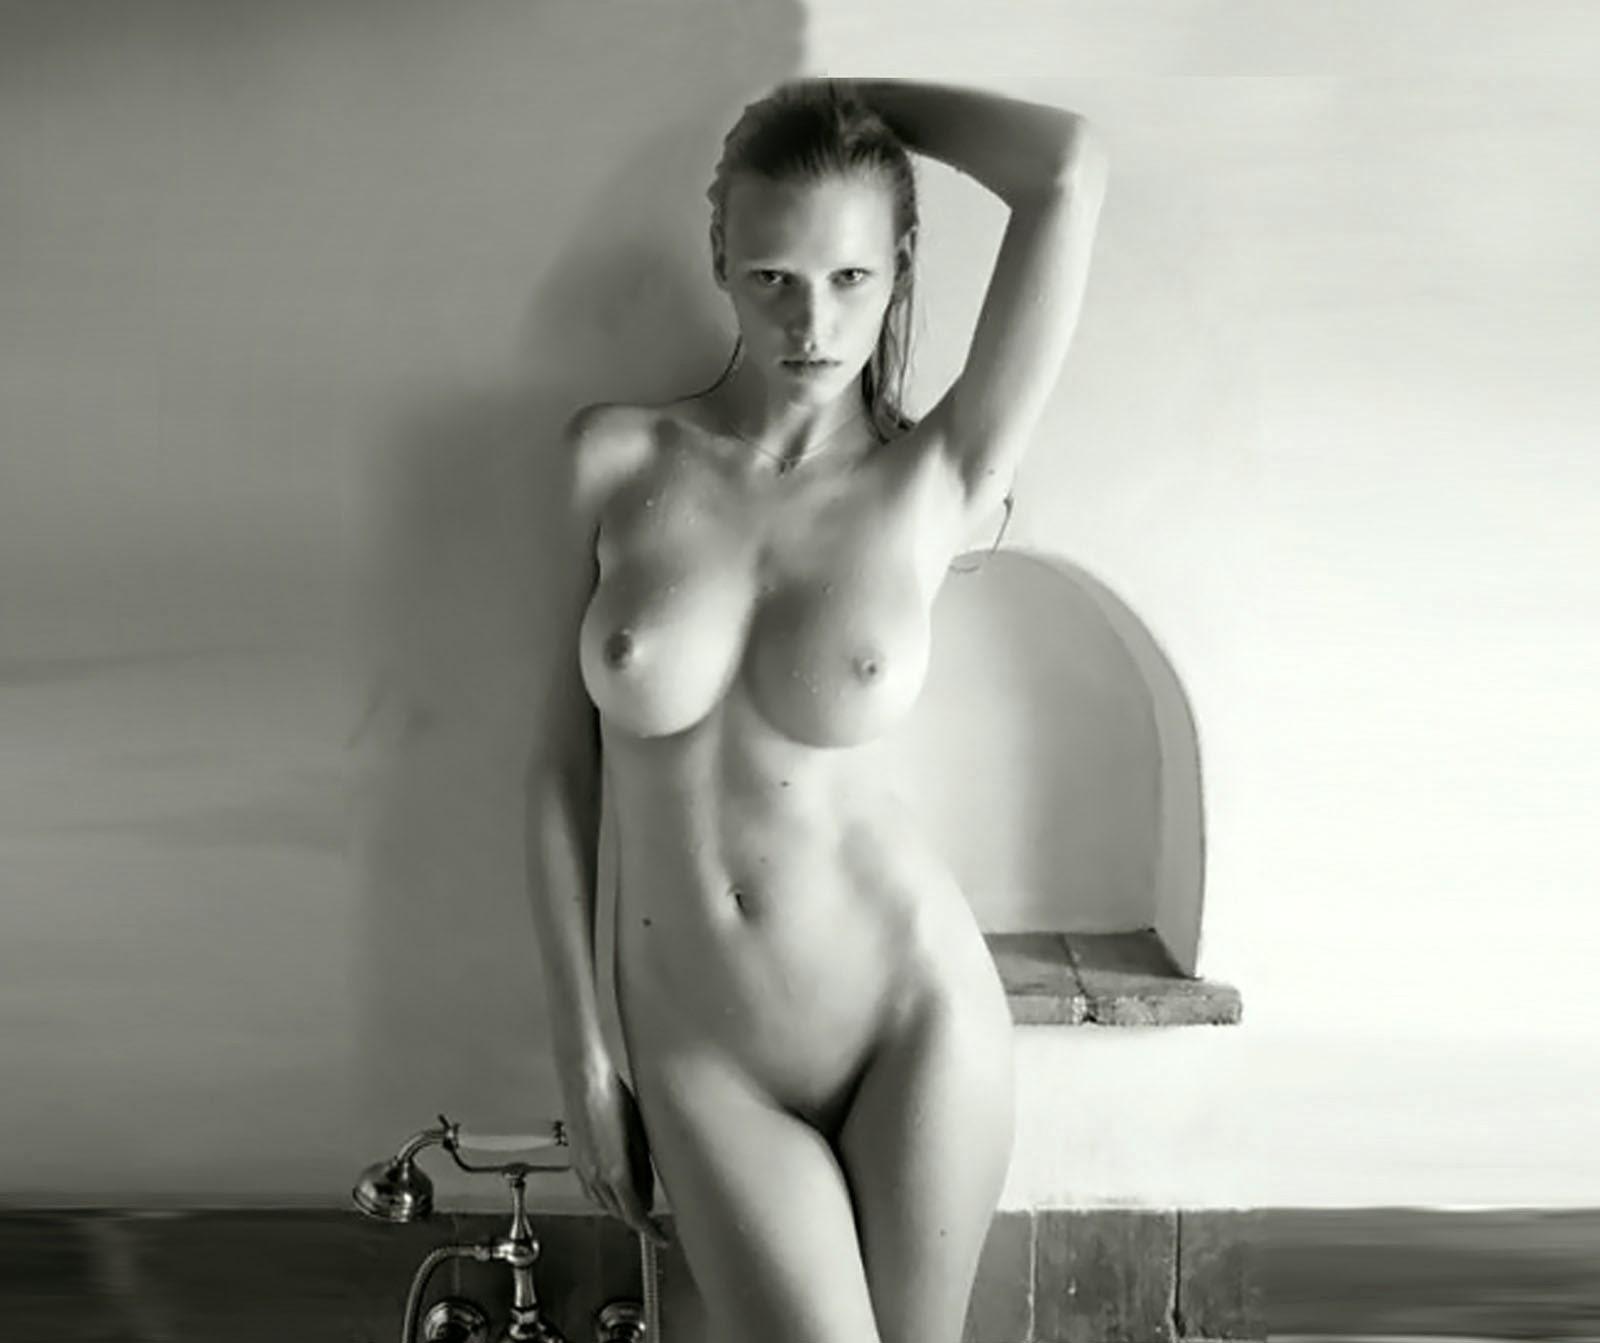 cecilia brækhus nude caroline andersen stripping